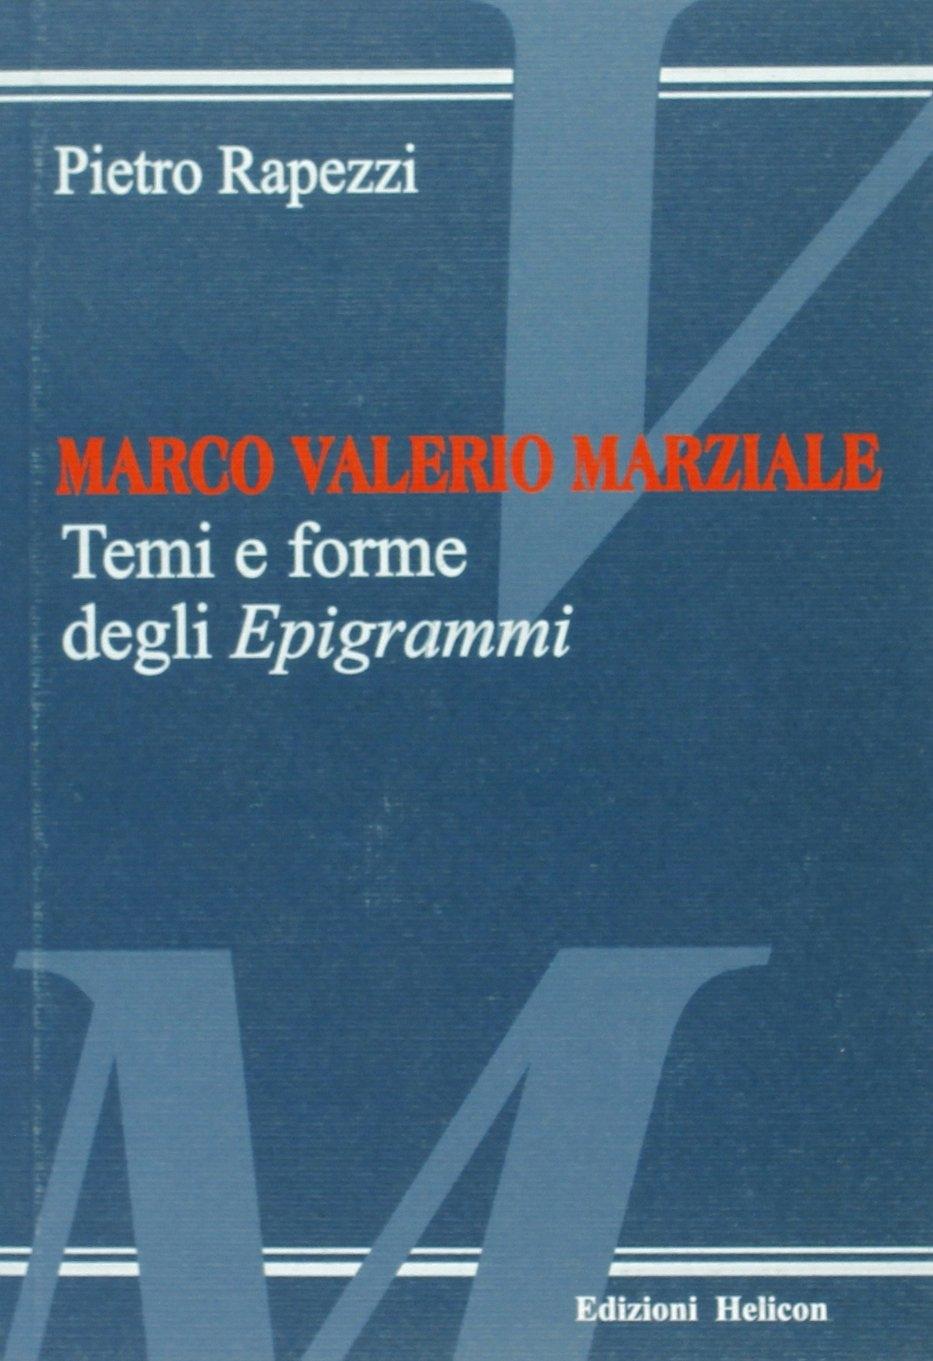 Marco Valerio Marziale. Temi e Forme degli Epigrammi